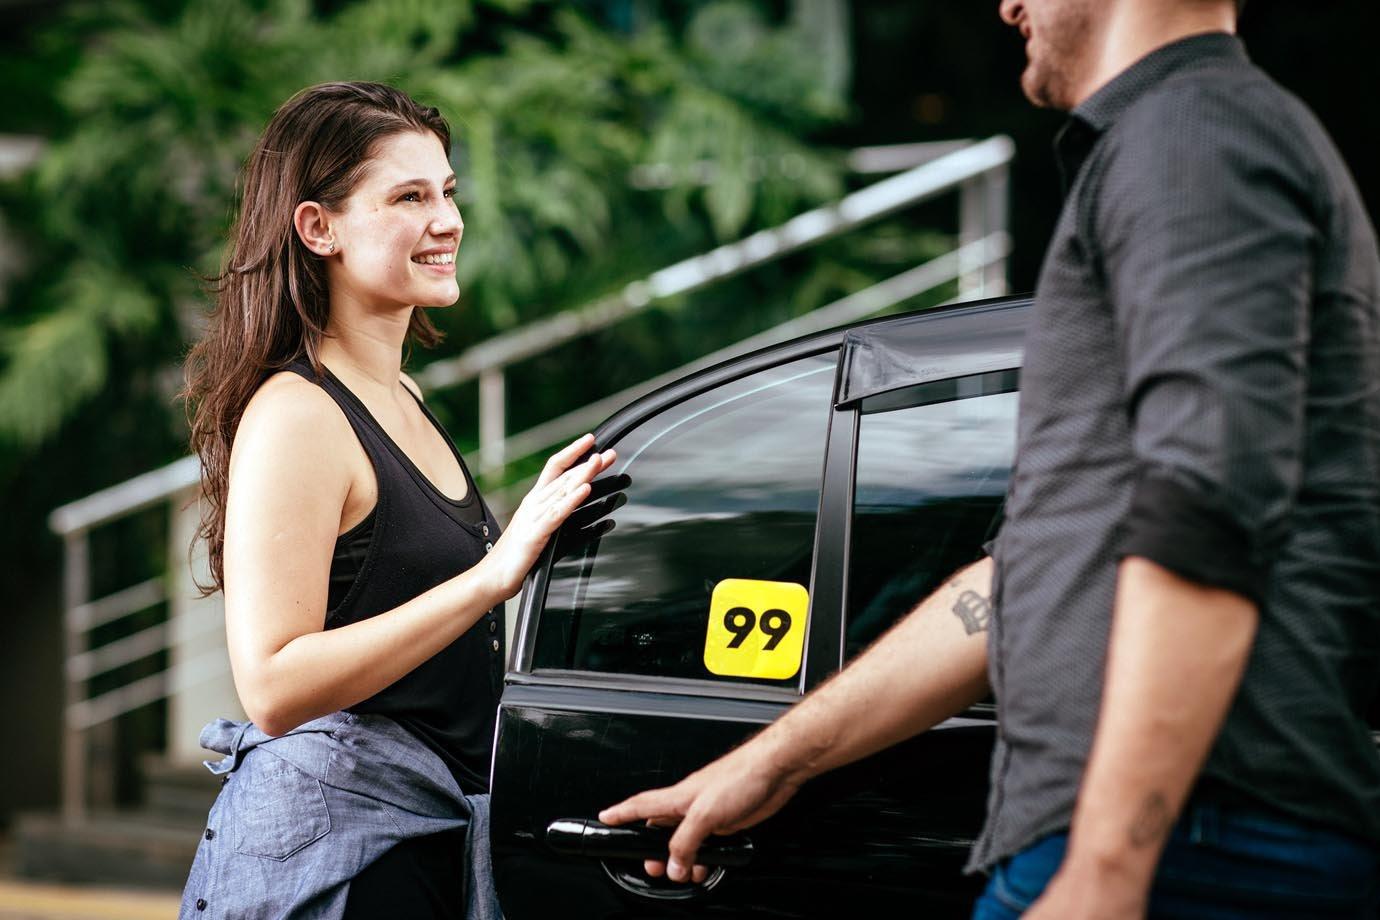 Passageira entrando em carro da 99